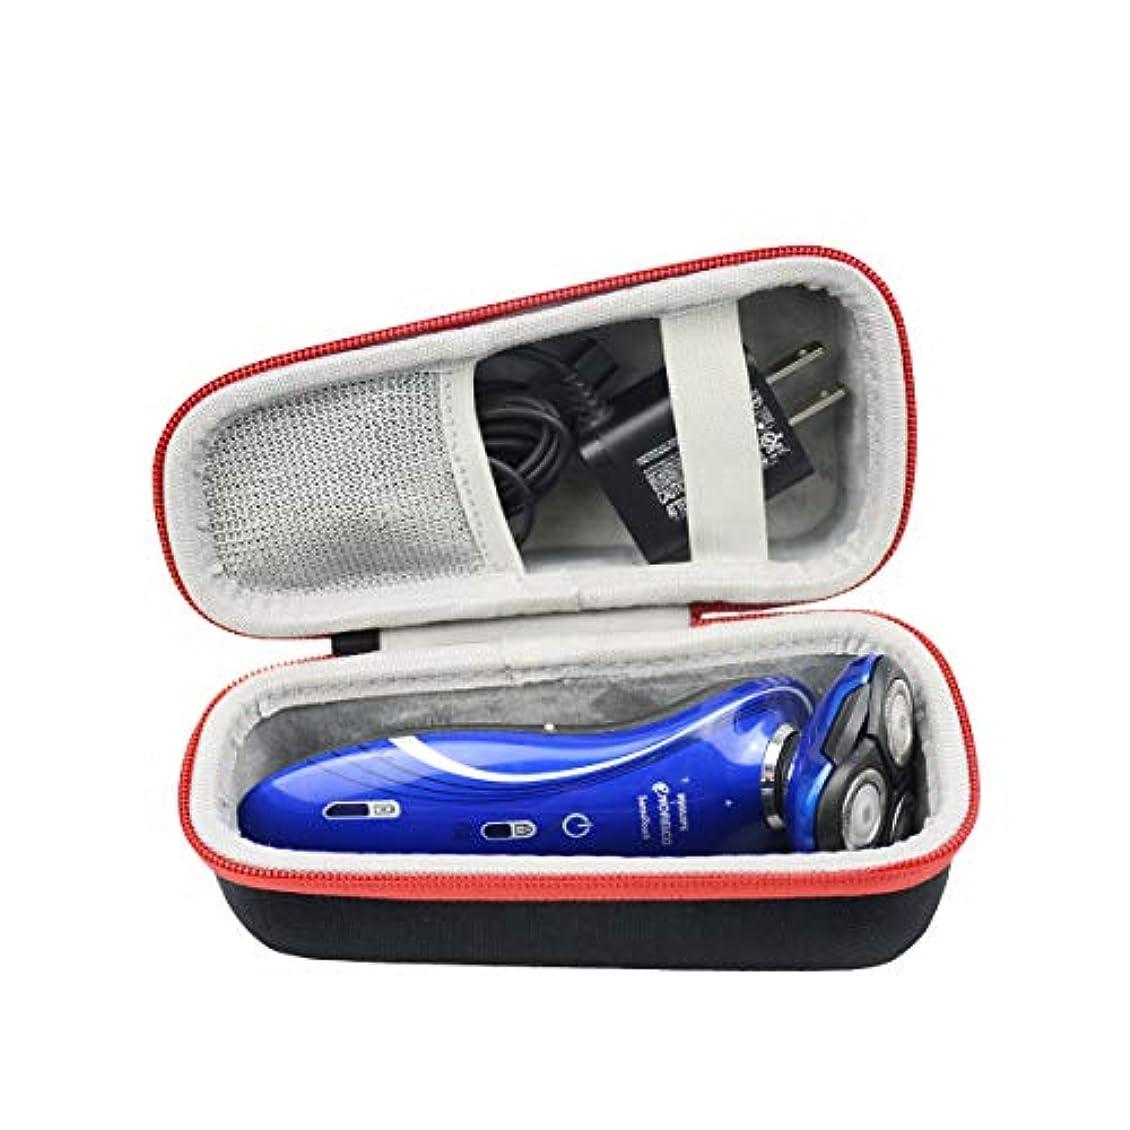 不振端末安いです専用旅行収納 フィリップス メンズシェーバー 5000シリーズ S5390/26 S5390/12 S5397/12 S5076/06 S5212/12 S5272/12 S5251/12 S5075/06 S5050/...